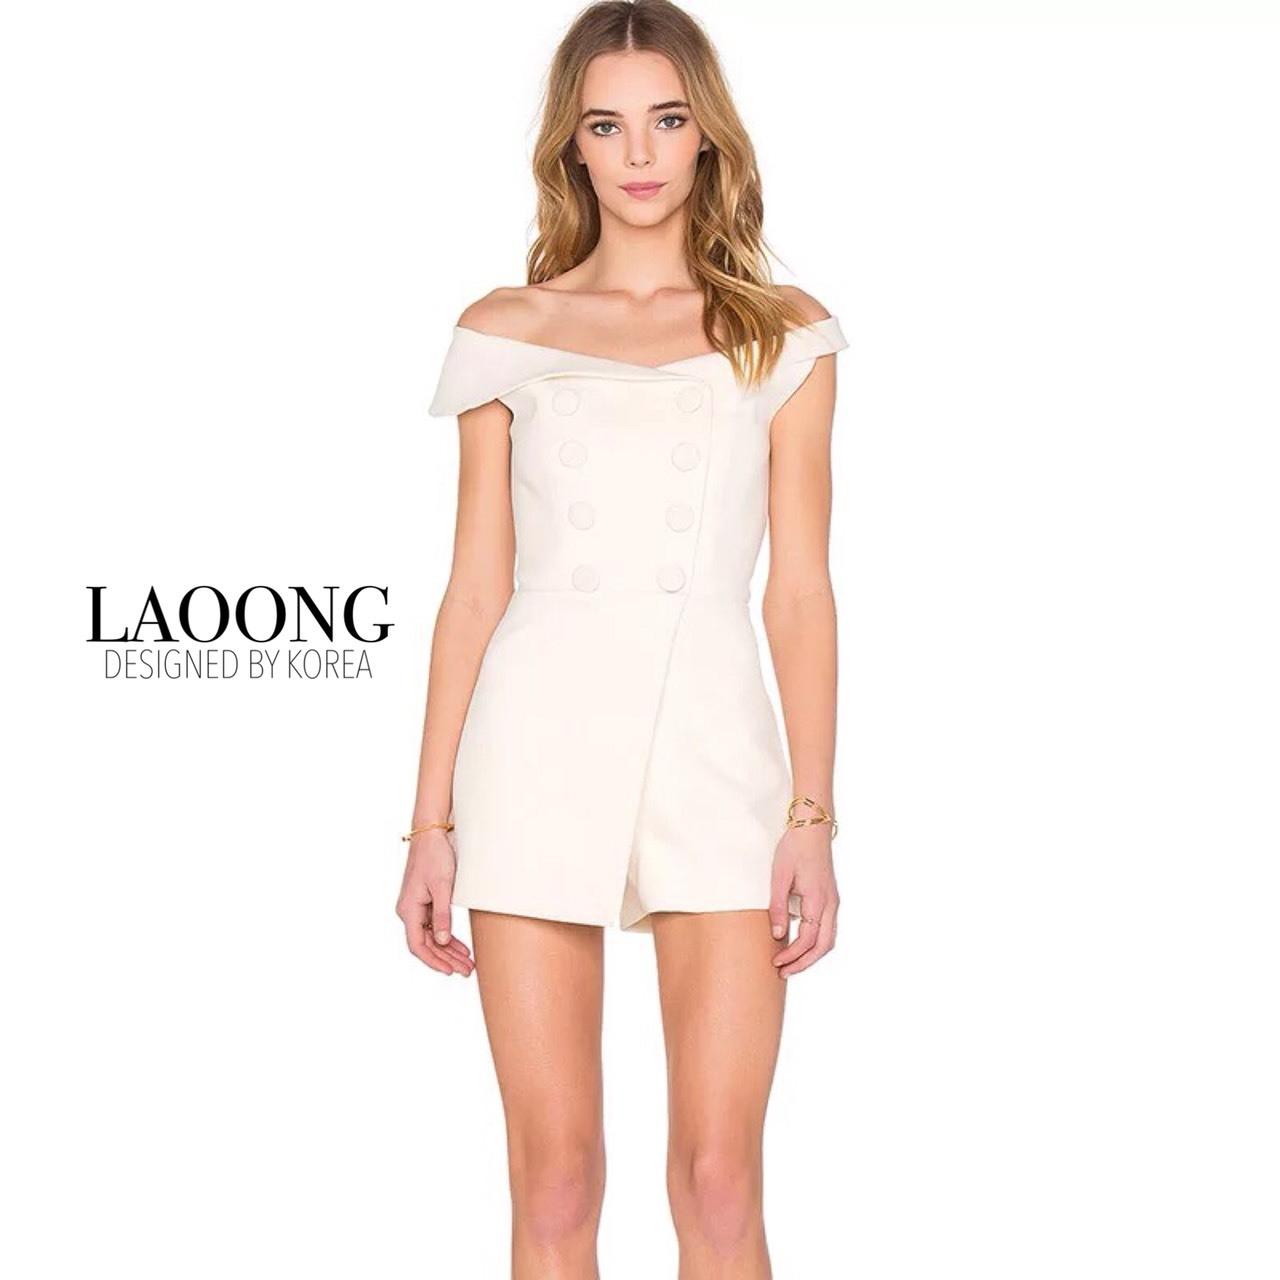 เสื้อผ้าเกาหลี jumpsuit สีขาว พร้อมส่ง